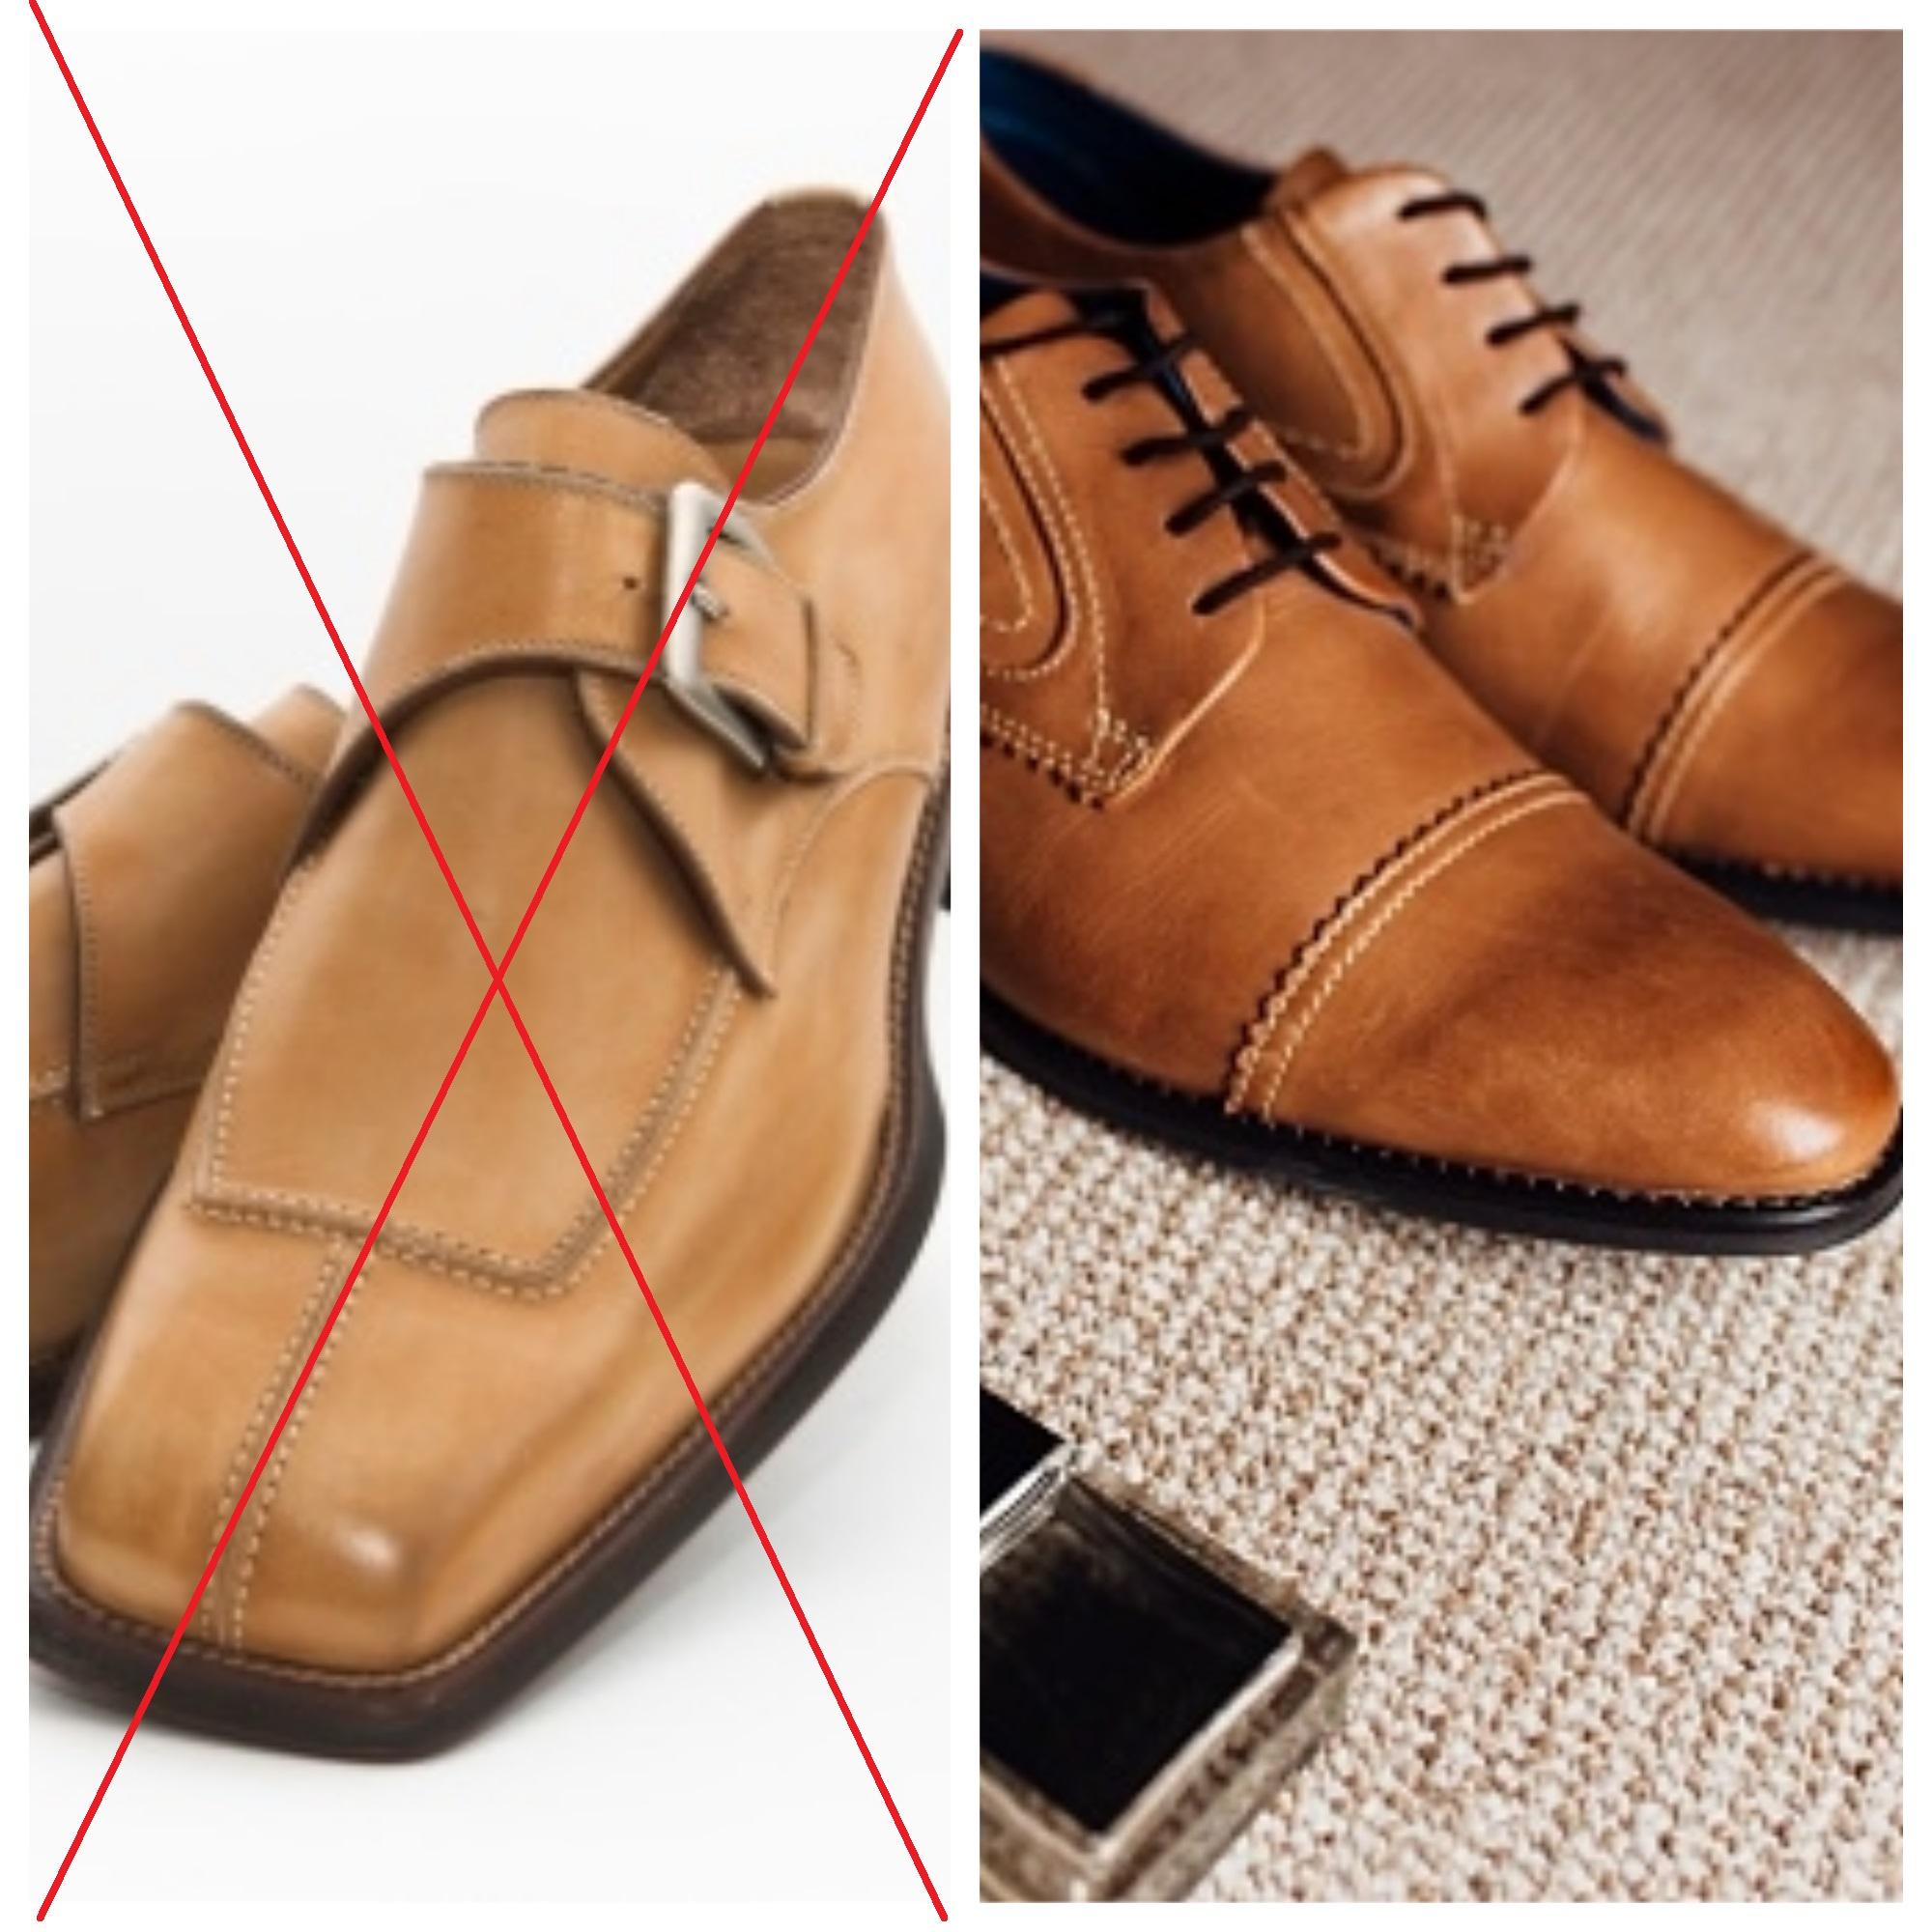 """""""Не е толкова голям проблем да нося обувките си вкъщи"""". Всъщност е. Не влизайте с обувките си вкъщи, още повече, ако имате малки деца или домашни любимци. В България този навик е по-скоро рядкост, но все пак има хора, които не се притесняват да се разхождат из дома си с външните си обувки."""